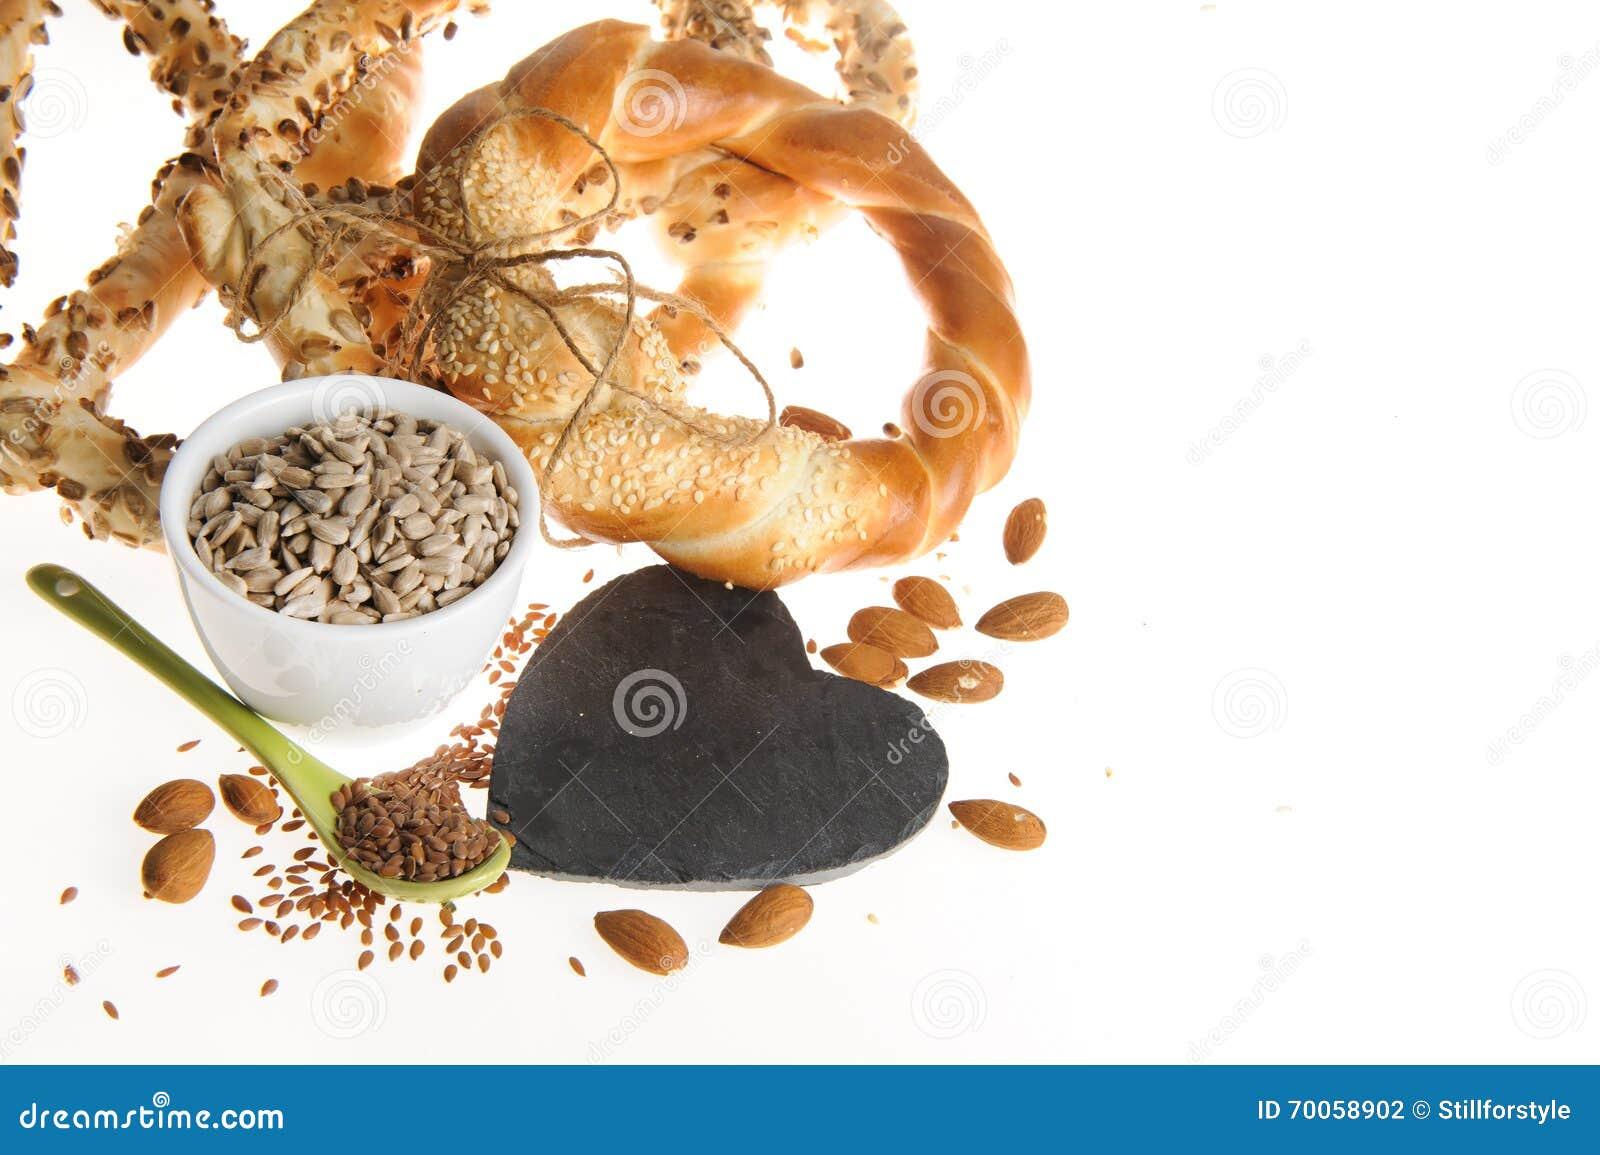 Graines de lin, graines de tournesol, amandes, bretzels